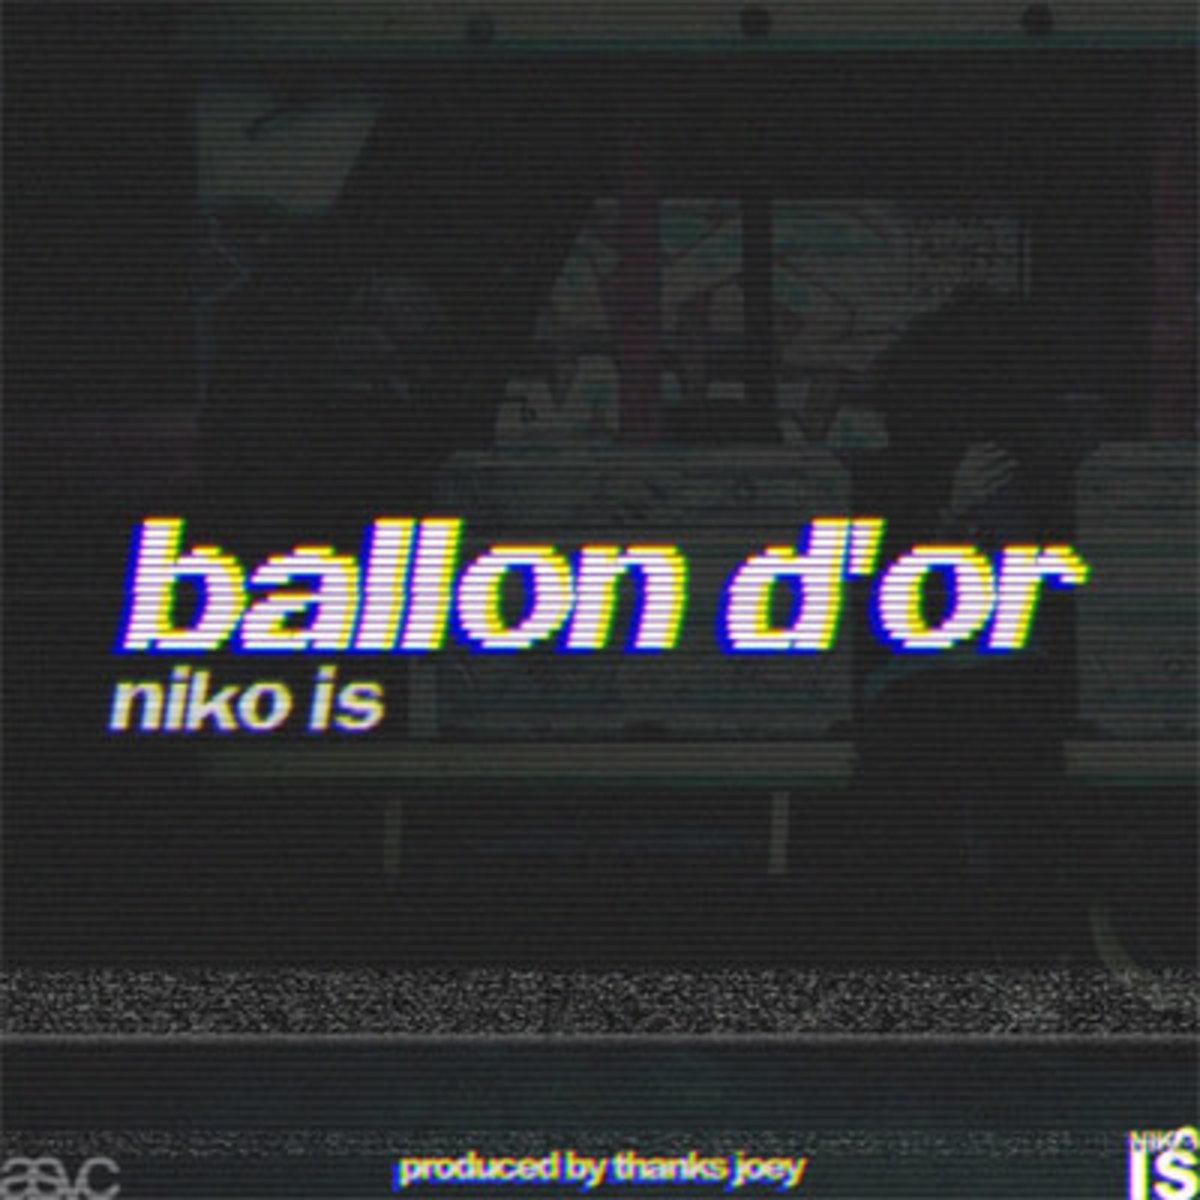 nikois-balloondor.jpg